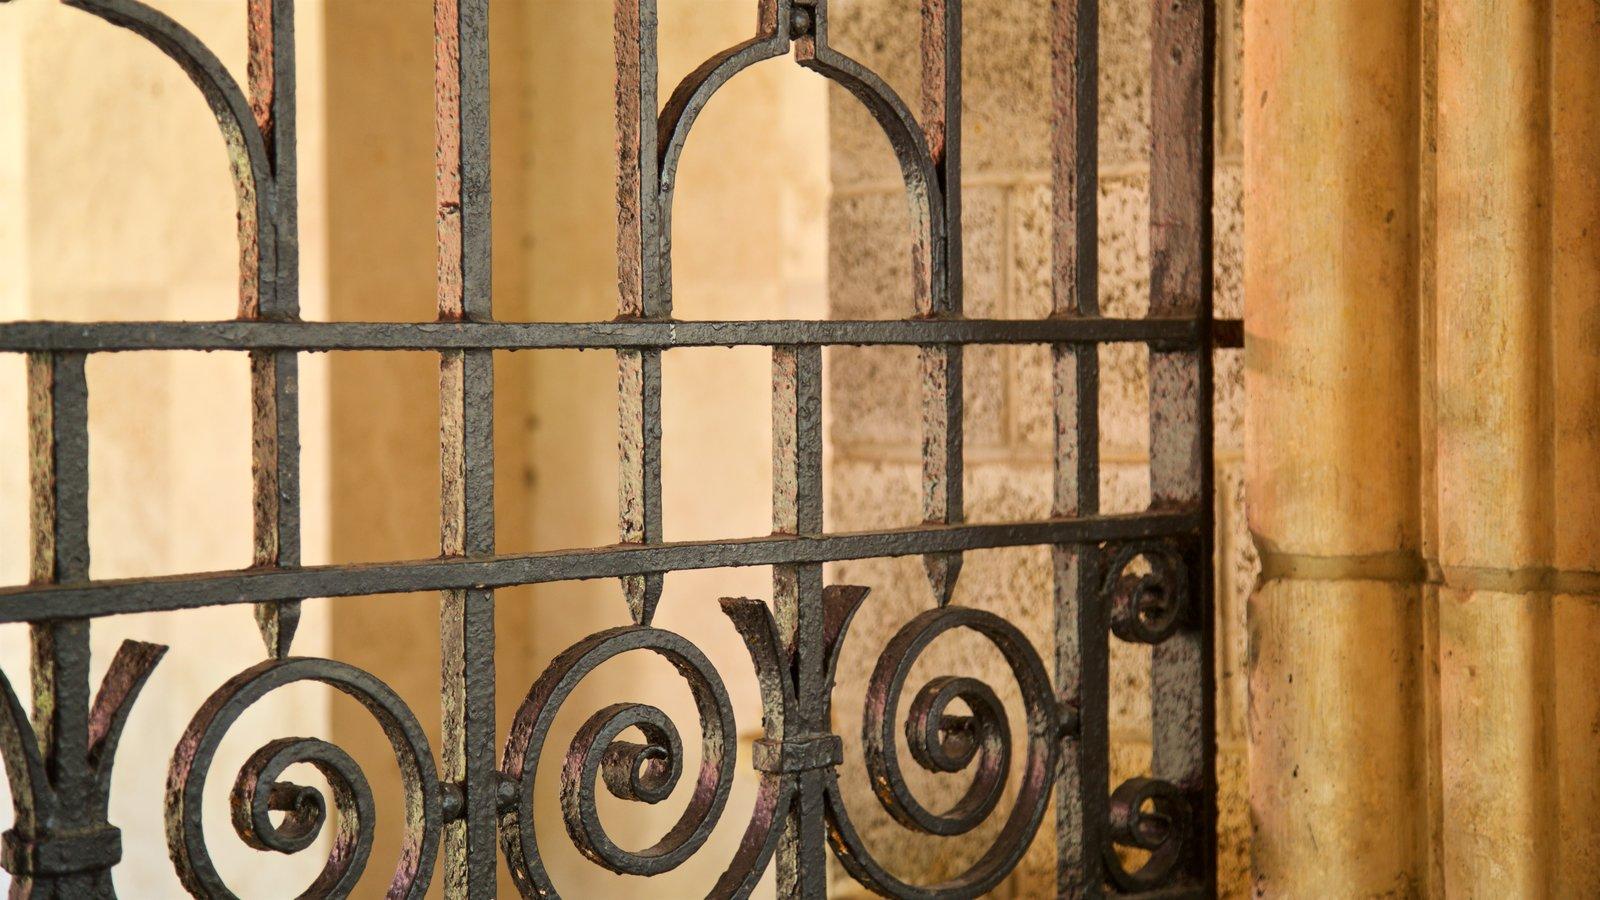 Antiguo Monasterio Español que incluye elementos del patrimonio